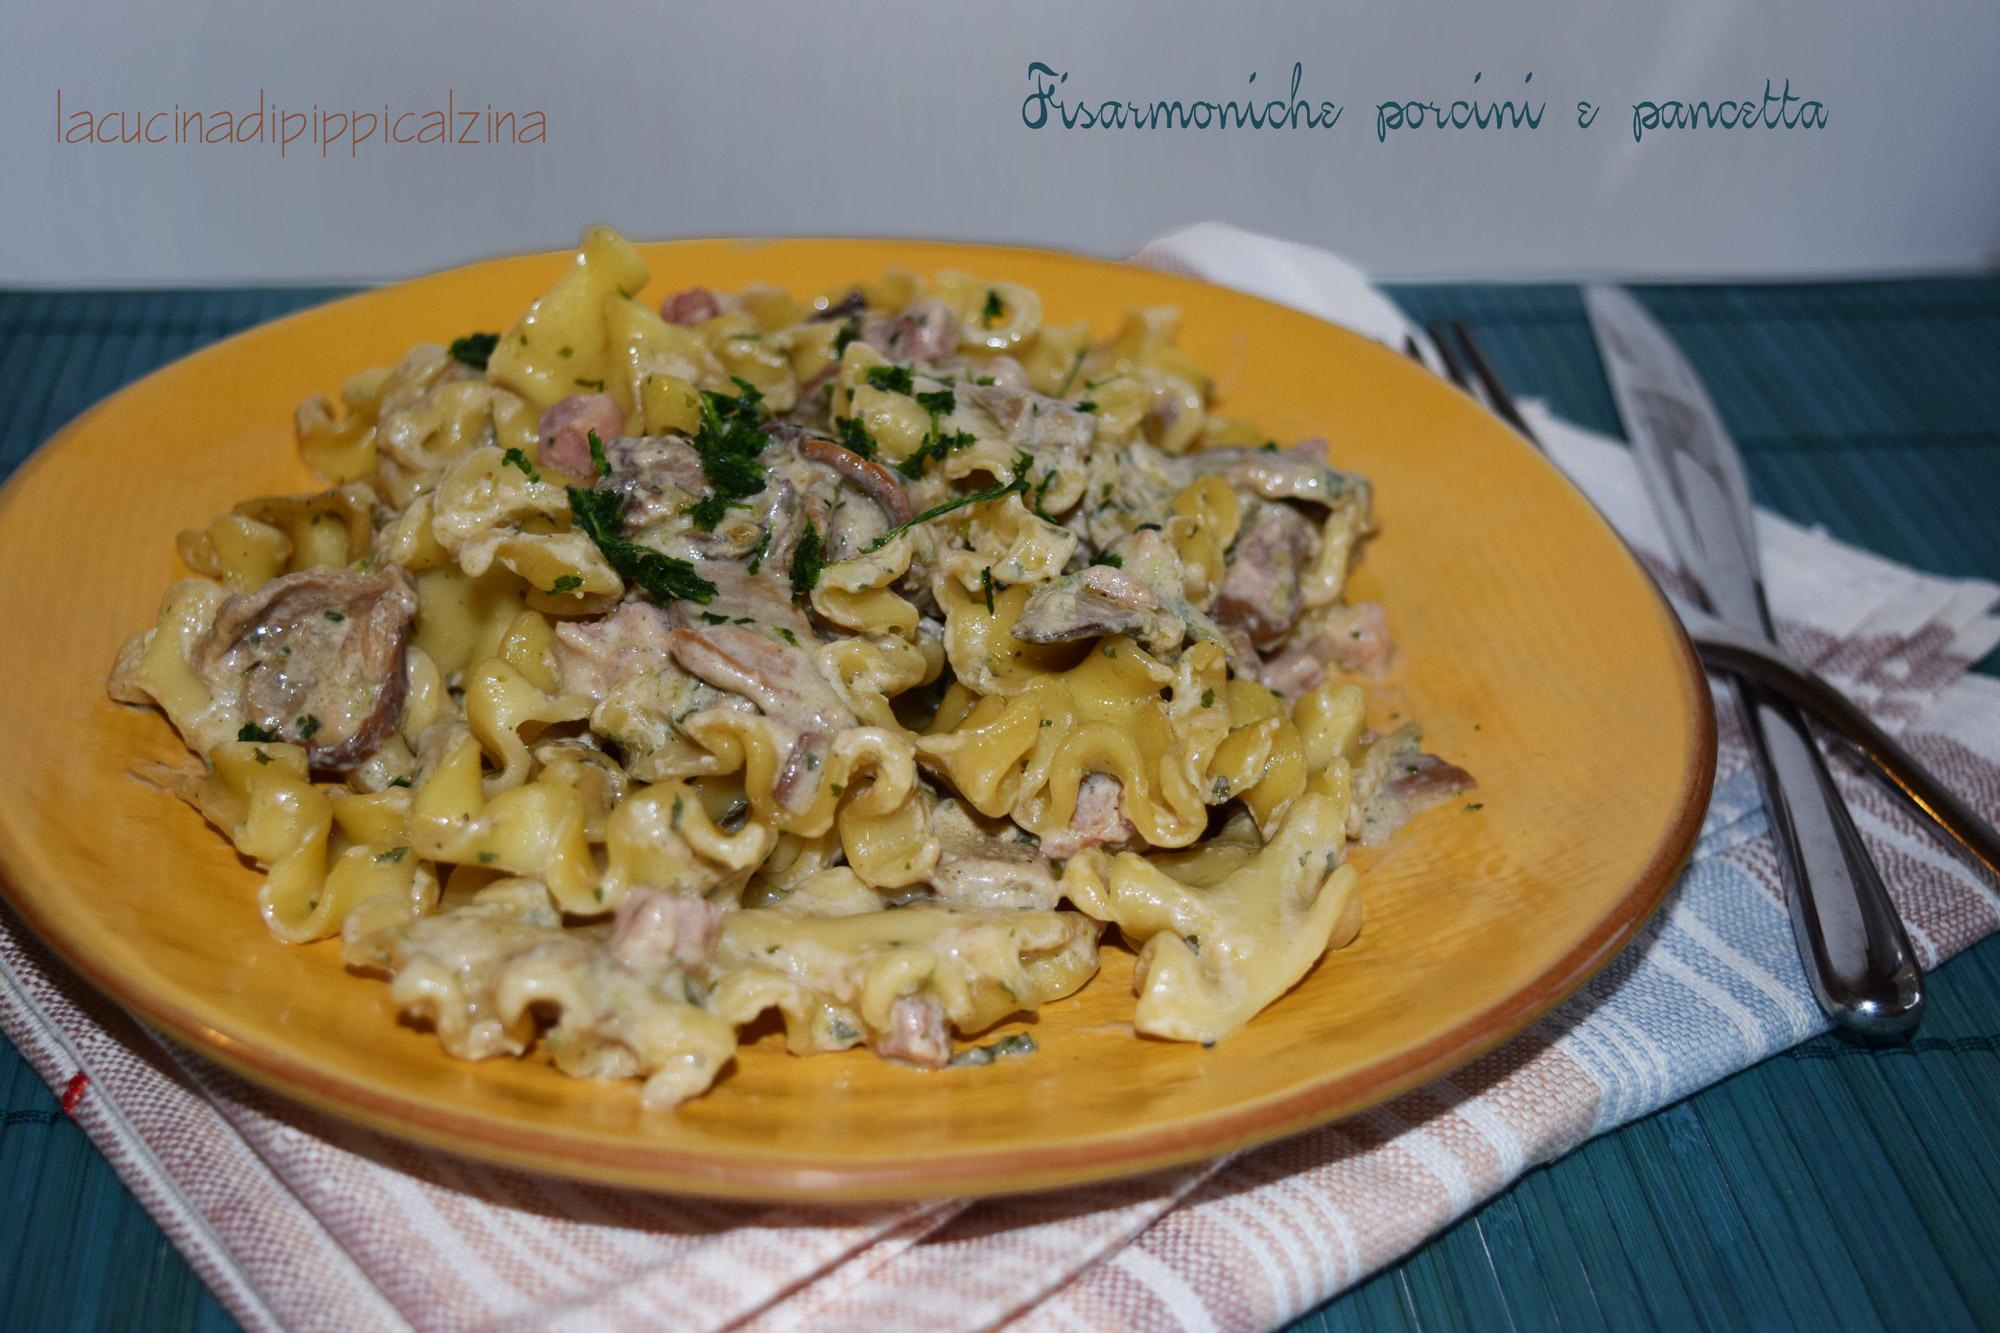 Ricerca Ricette con Pasta con porcini e pancetta - GialloZafferano.it